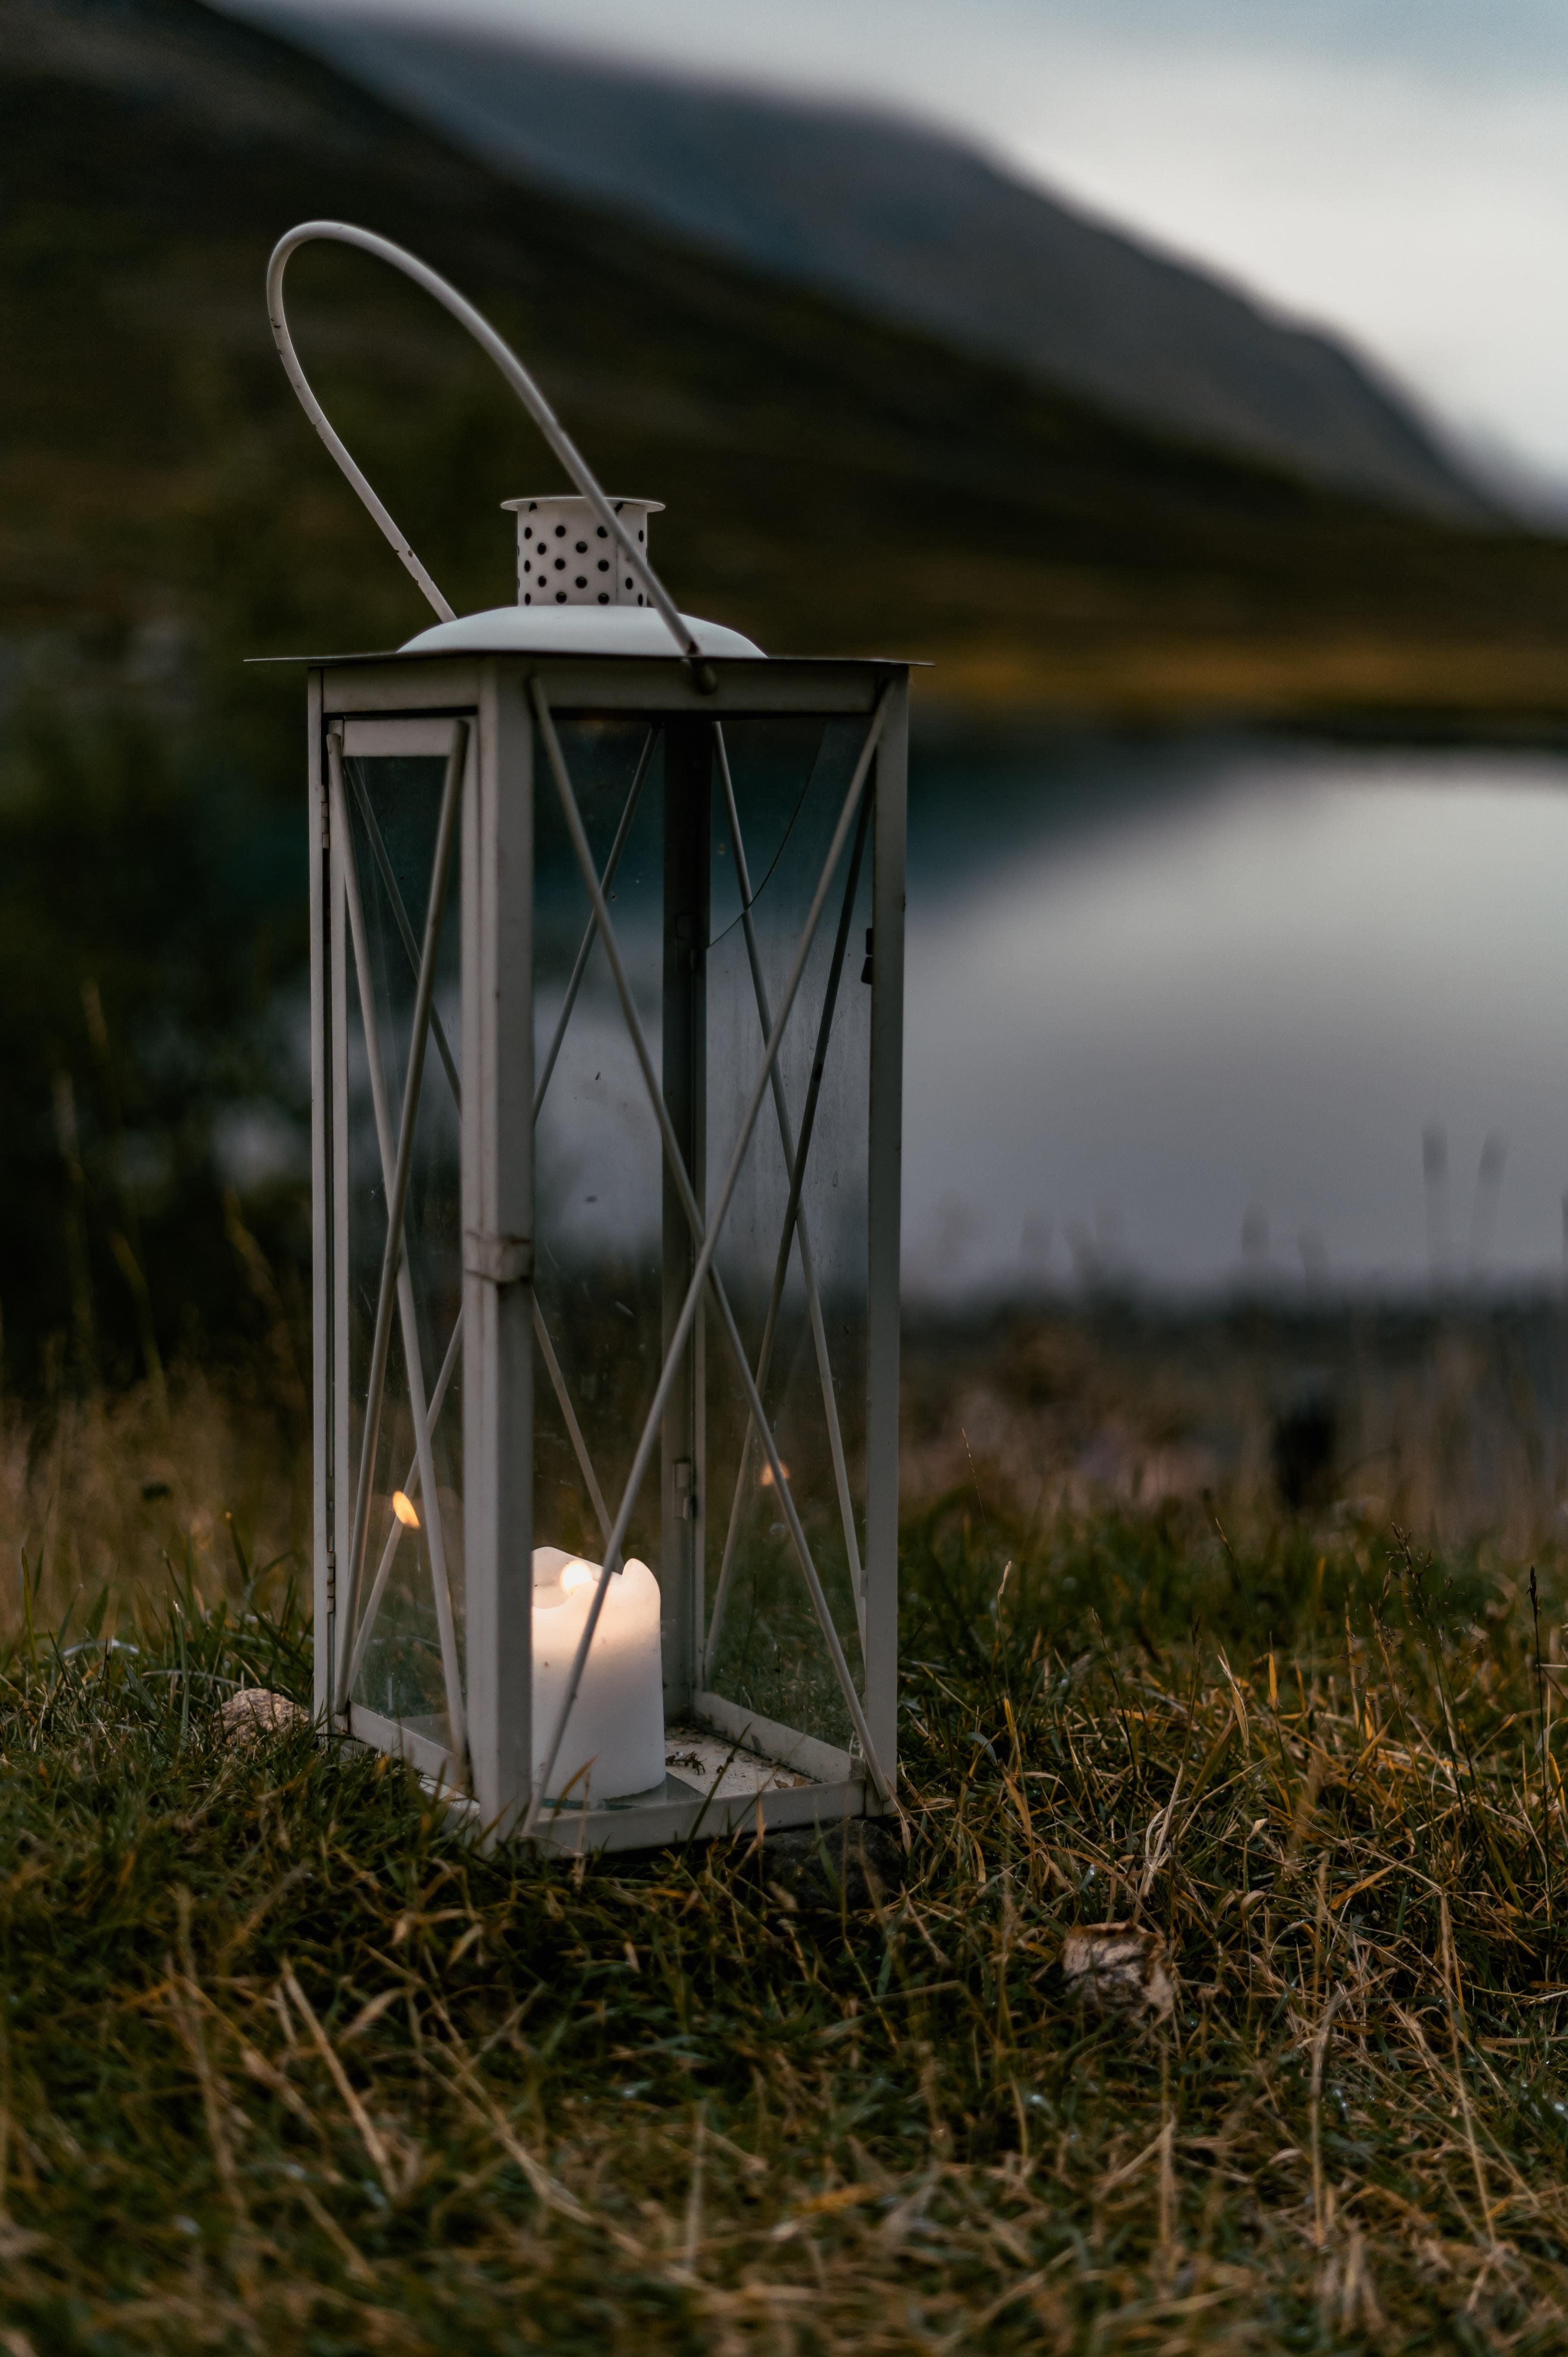 157925 免費下載壁紙 杂项, 灯, 灯泡, 灯笼, 蜡烛, 燃烧, 火 屏保和圖片